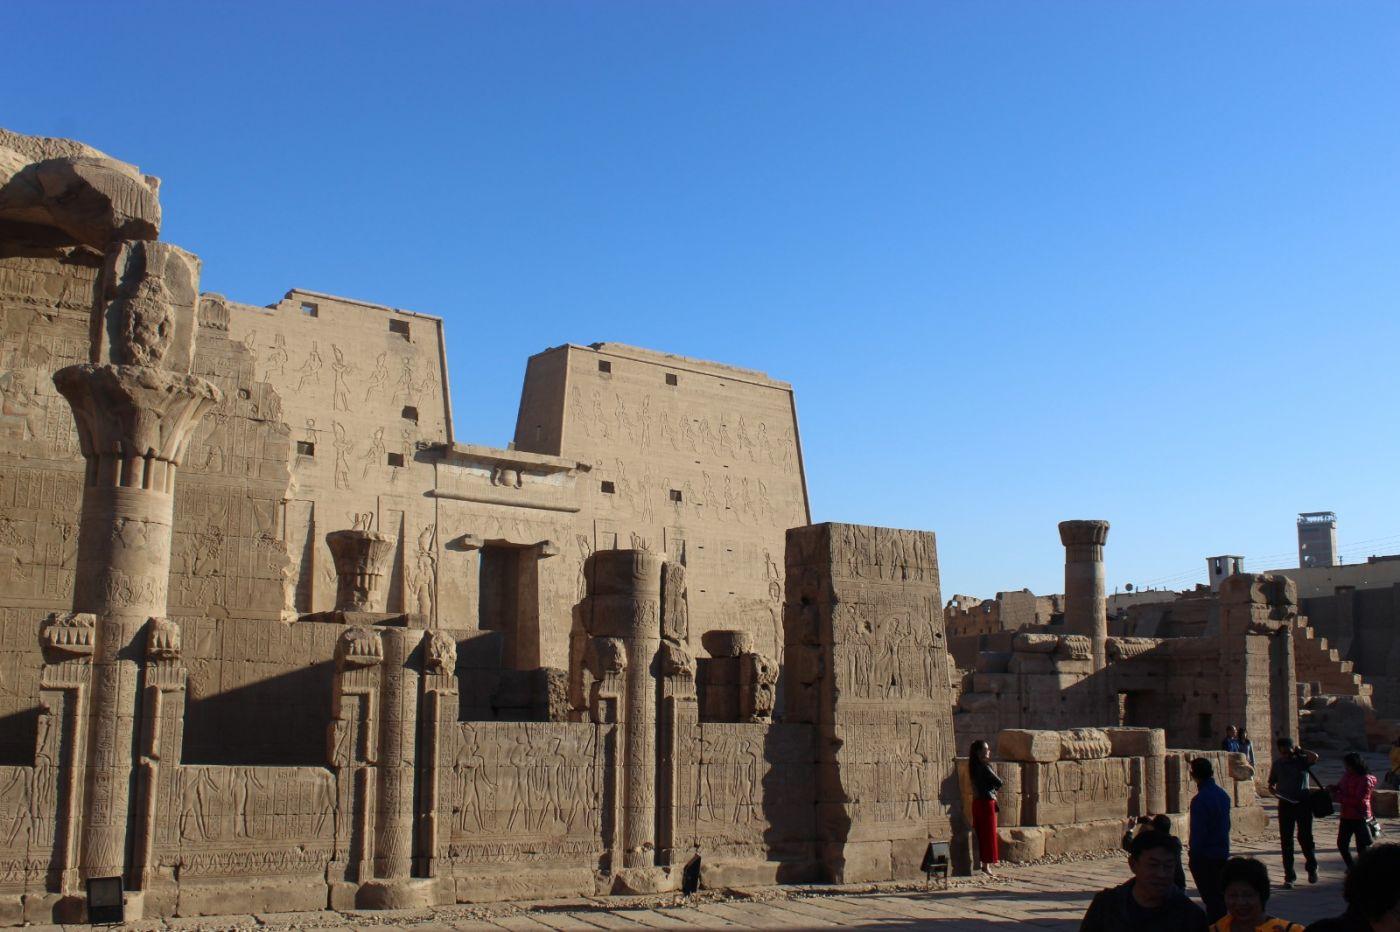 埃德富神庙和卢克索神庙_图1-17